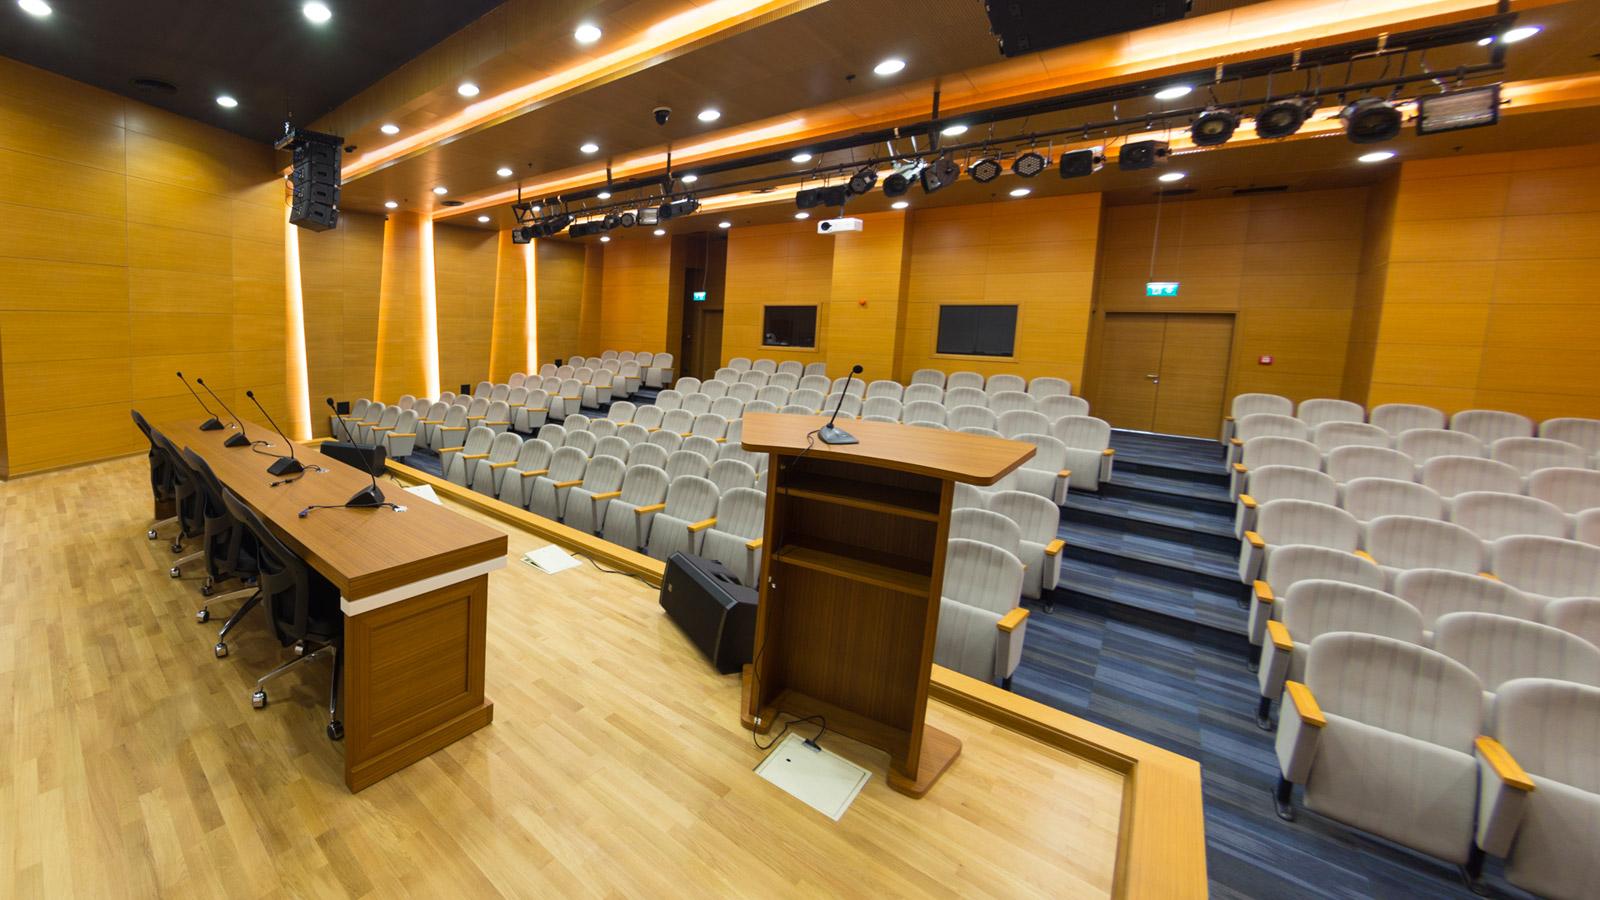 https://www.akustikproje.com.tr/wp-content/uploads/004_konferans-salonu-uygulama.jpg